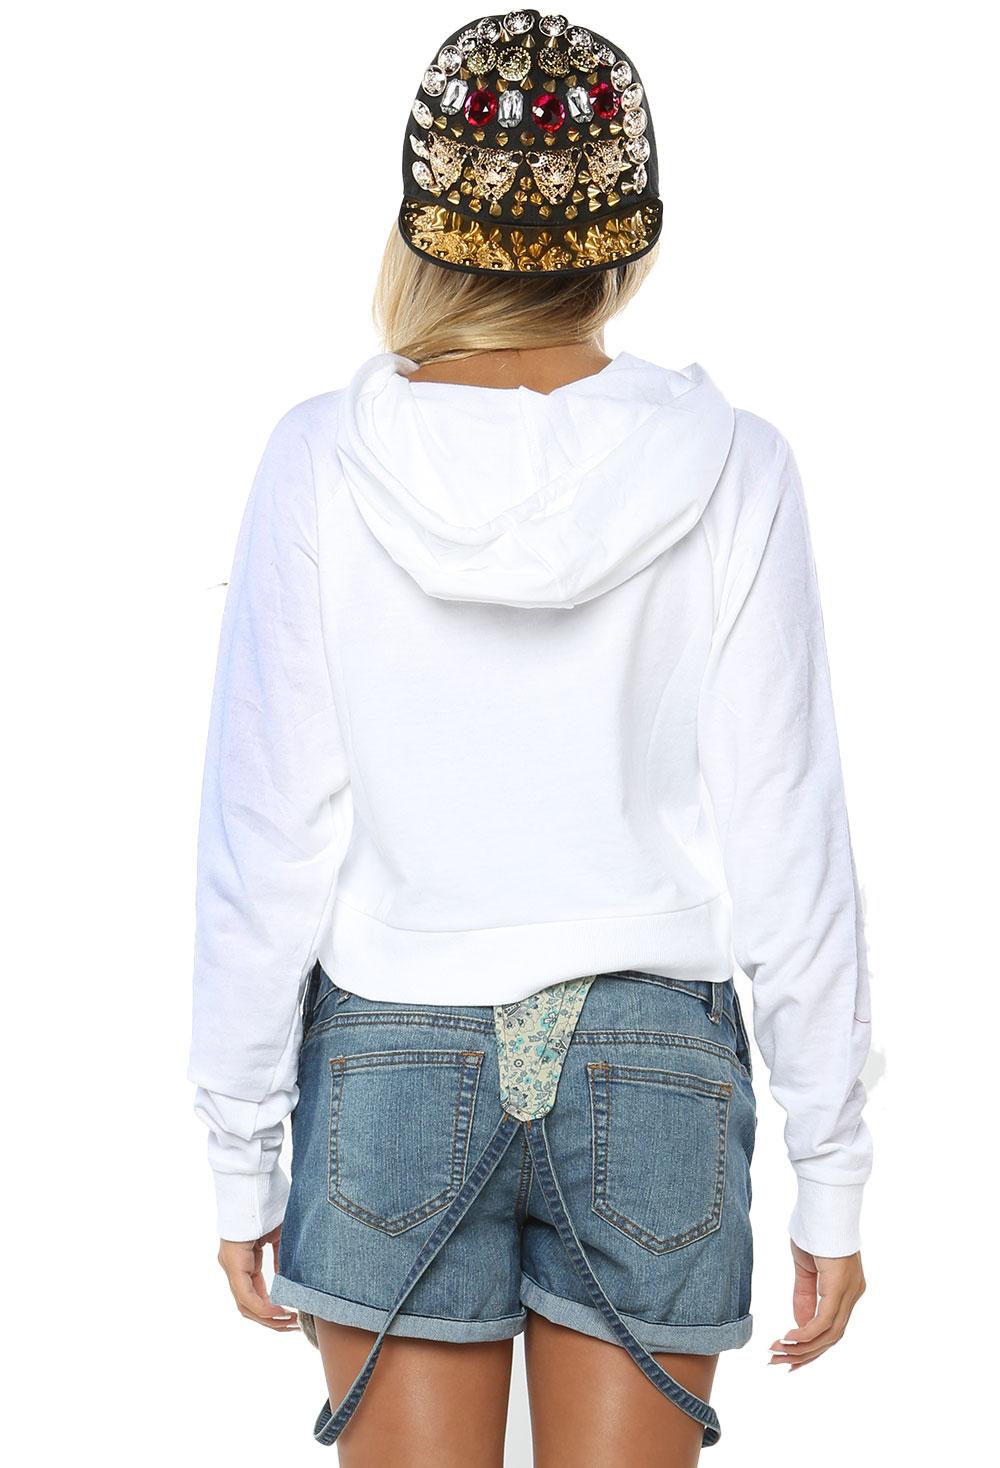 frozen hoodies jackunzel - photo #25